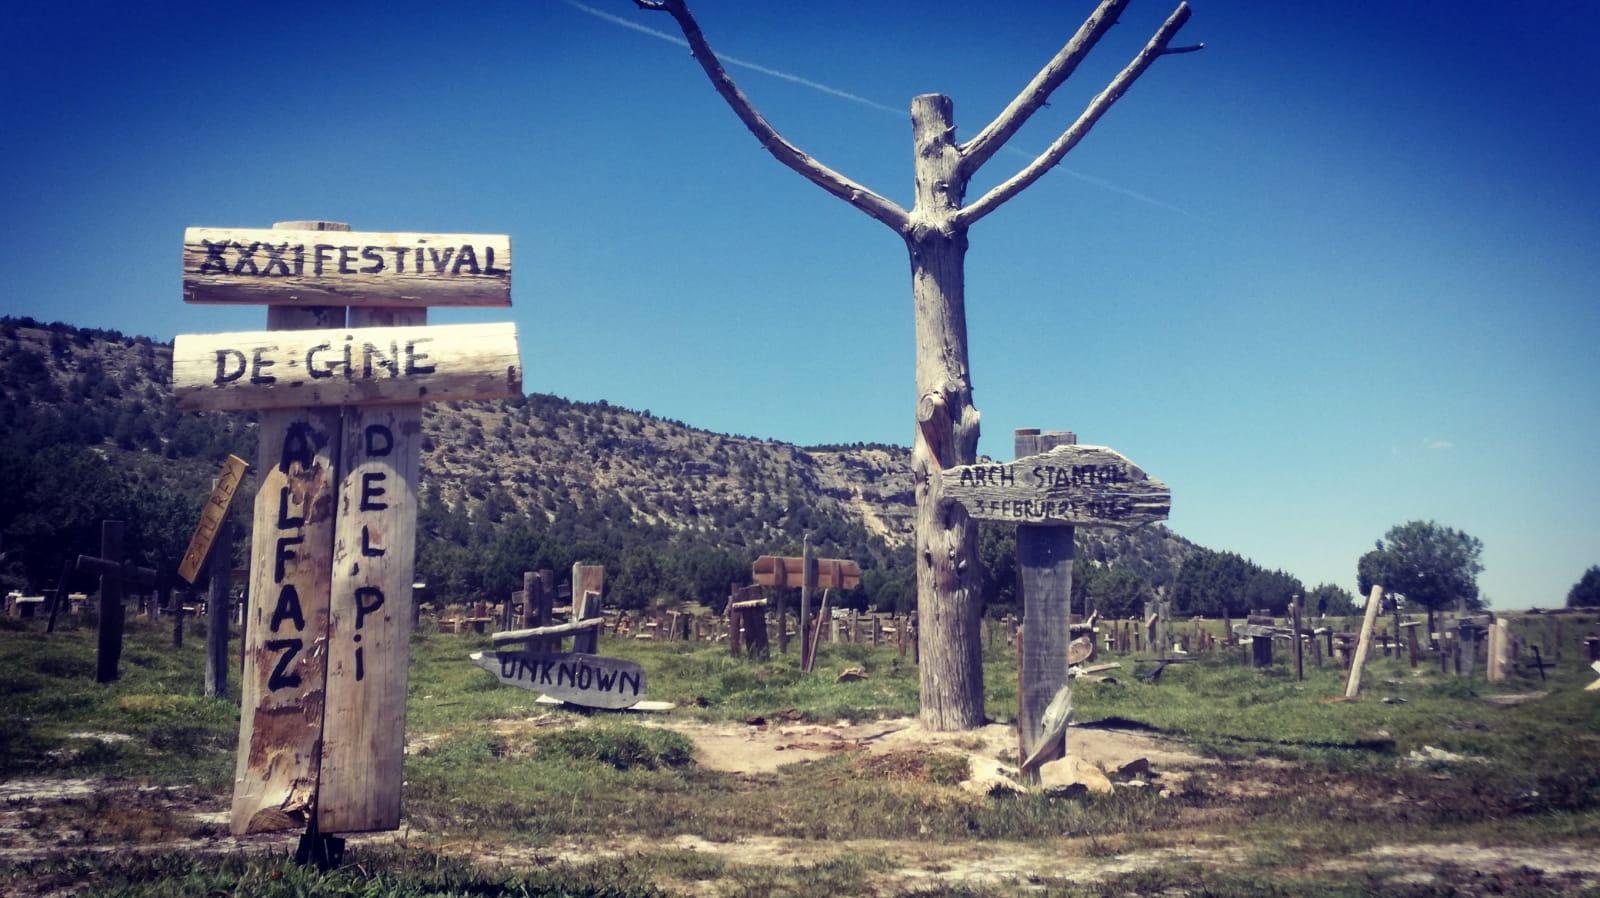 Festival Cine_cementerio sad hill tumba 31 festival cine l'alfàs del pi 03